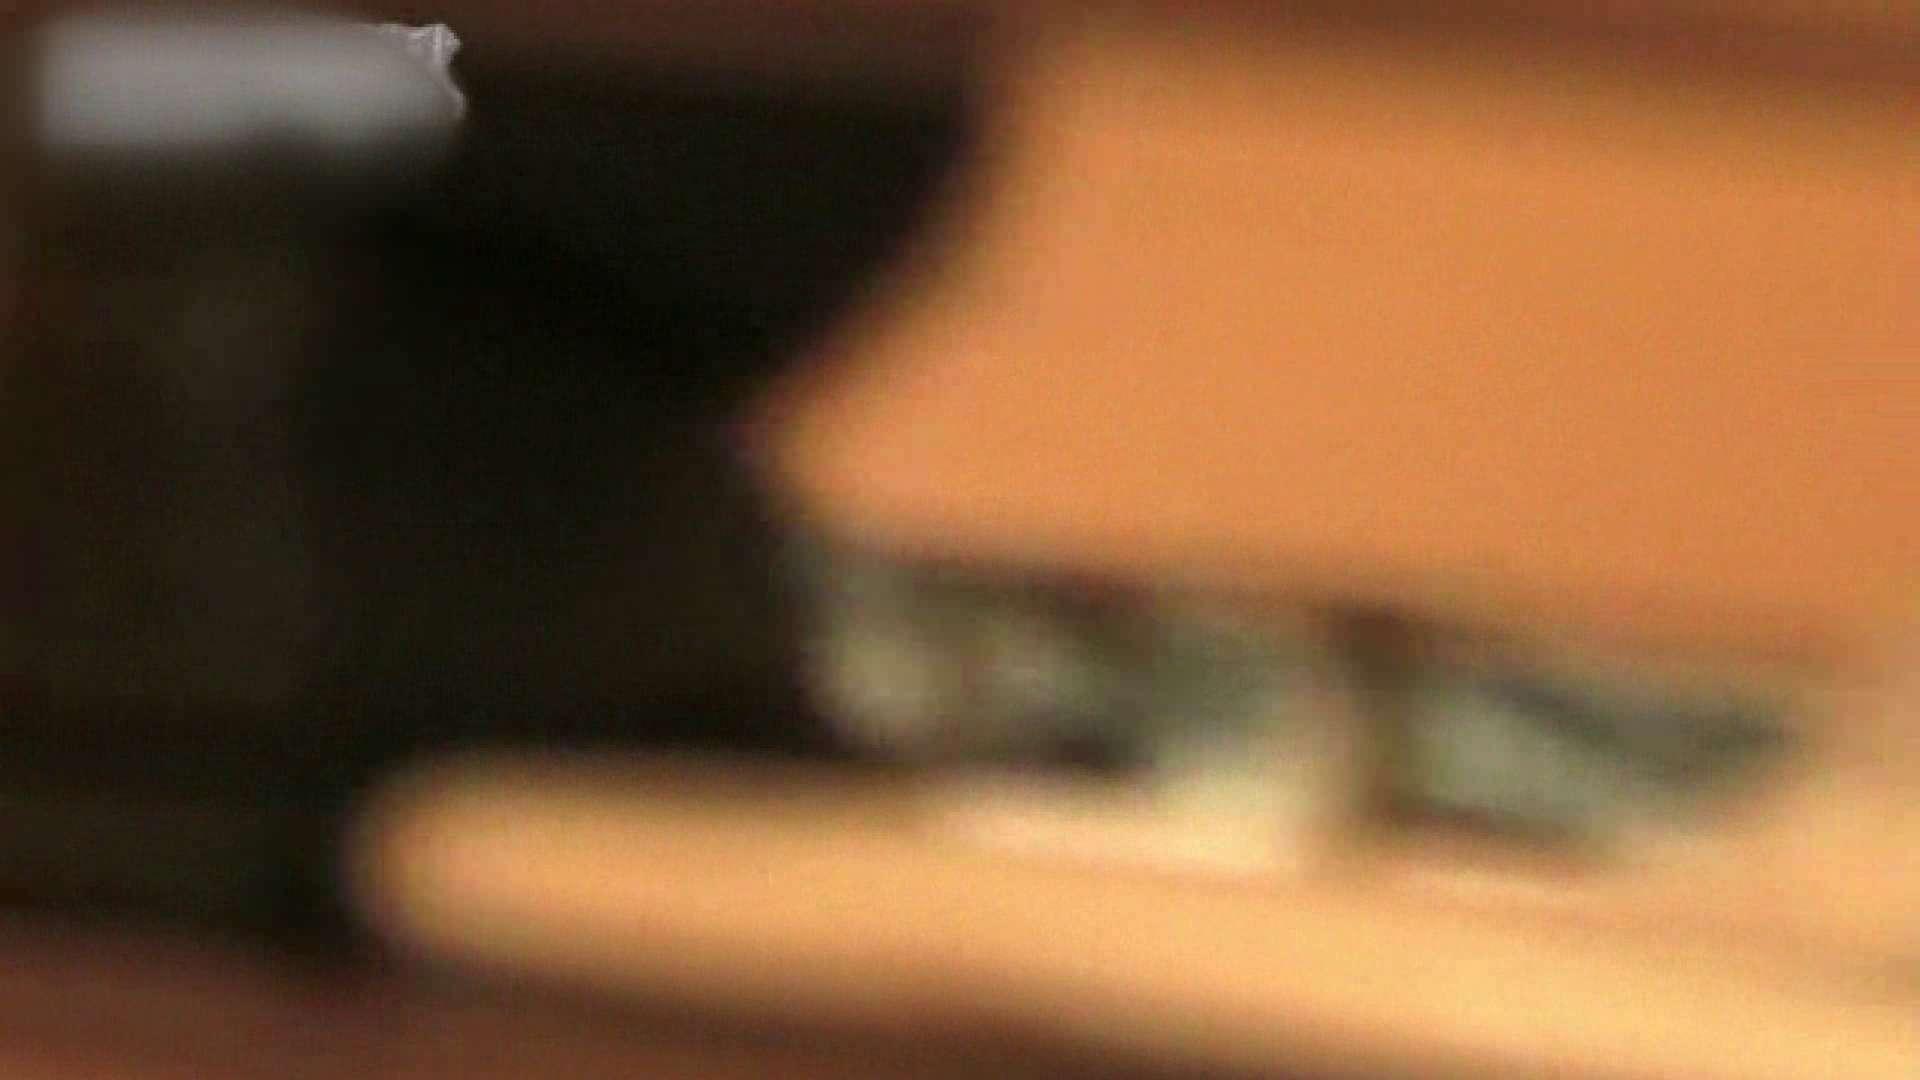 ロックハンドさんの盗撮記録File.54 マンコエロすぎ エロ画像 92PIX 12